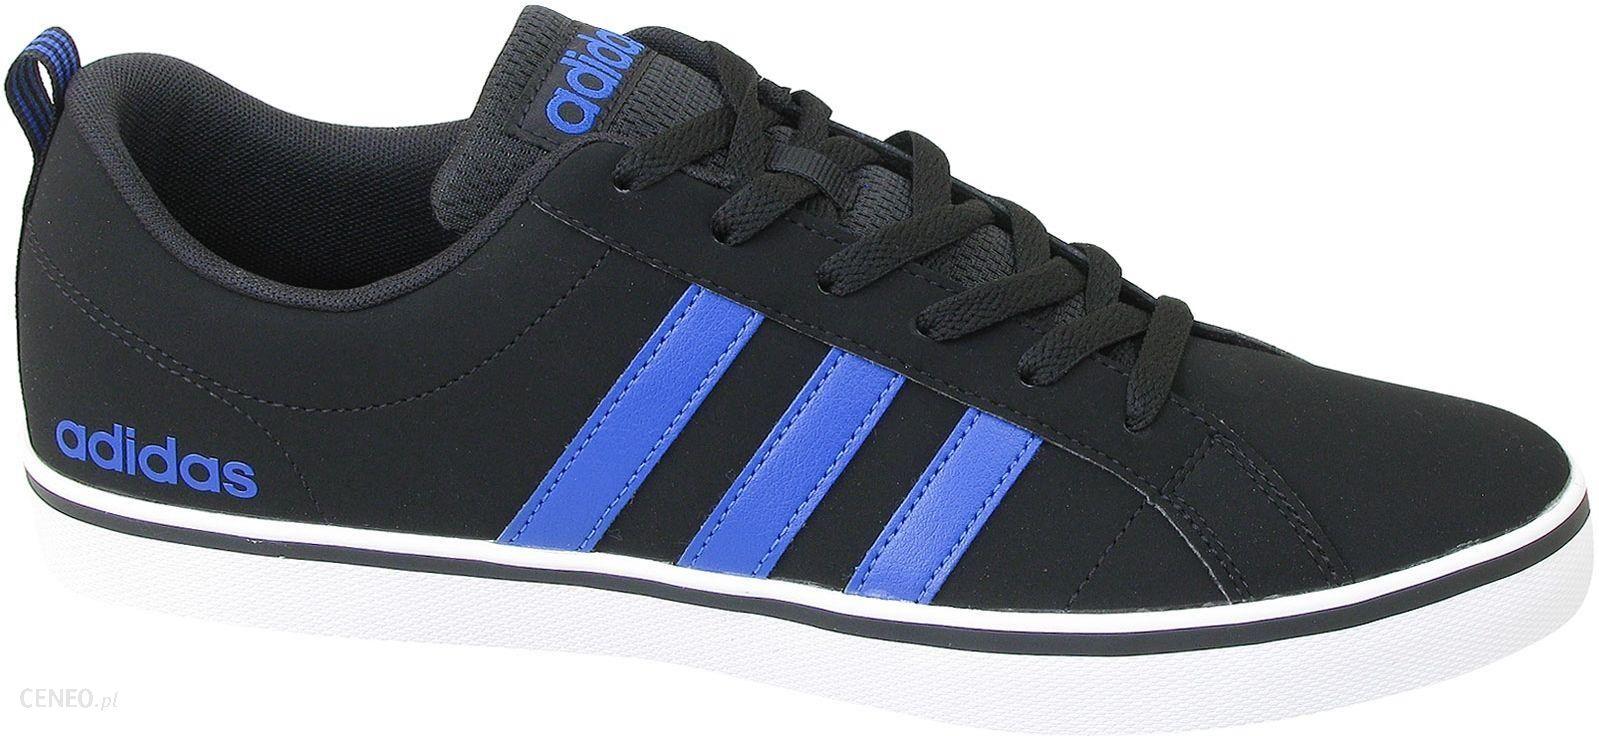 Adidas Buty Męskie Pace VS Czarne r. 42 23 (AW4591) Ceny i opinie Ceneo.pl